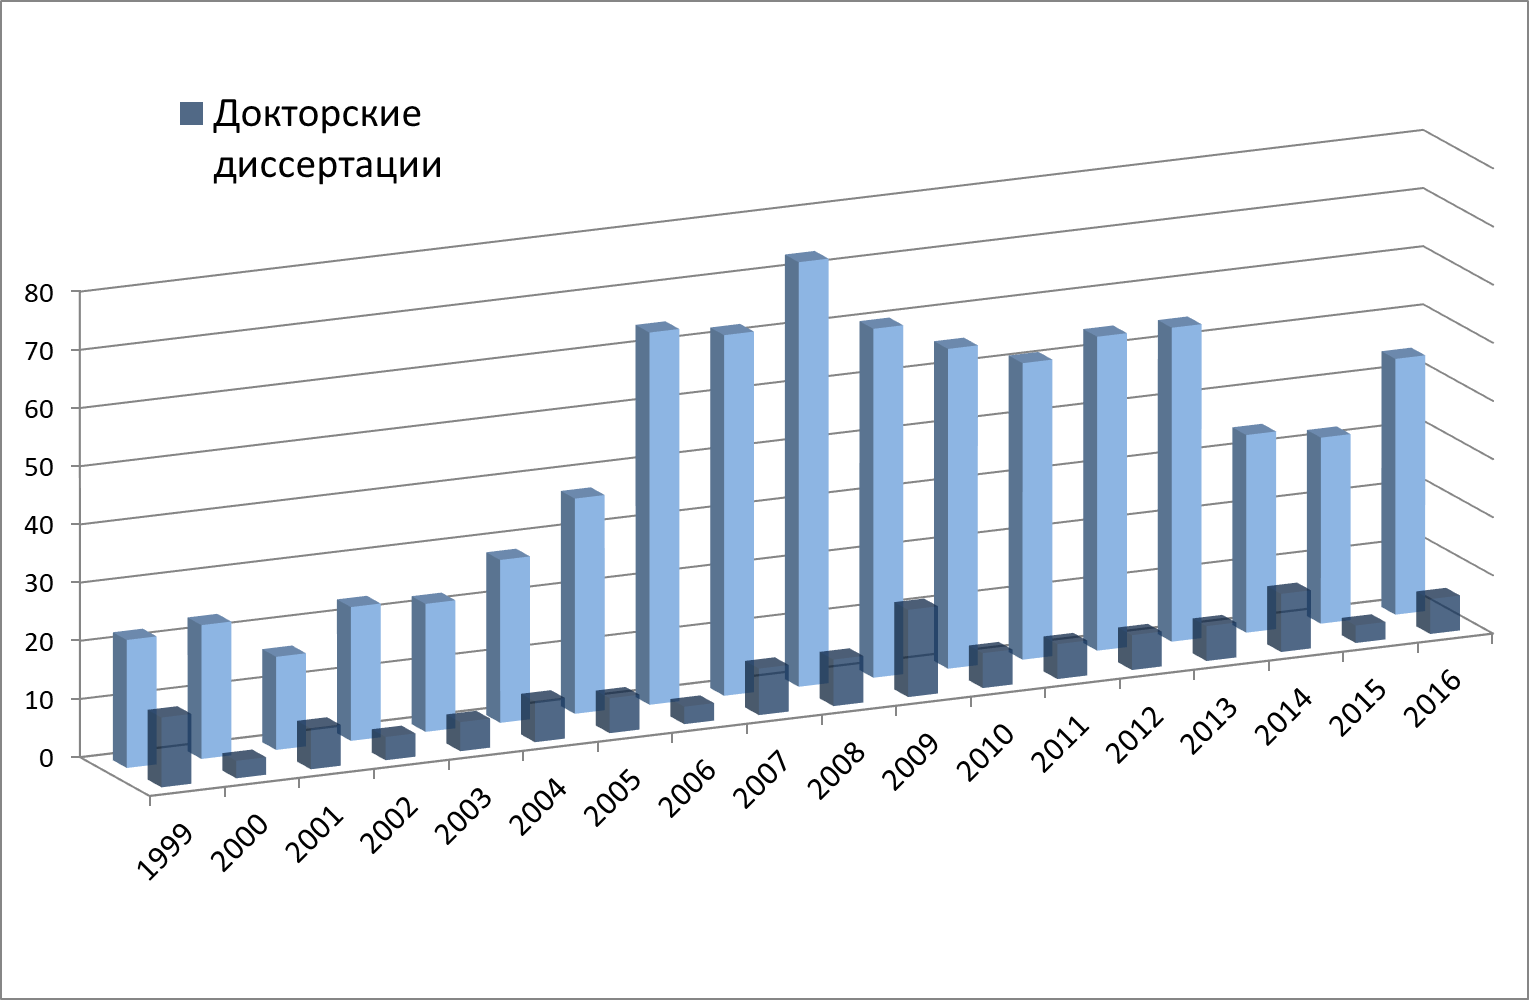 Диссертации защищенные сотрудниками факультета по годам  Защиты диссертаций на физическом факультете МГУ